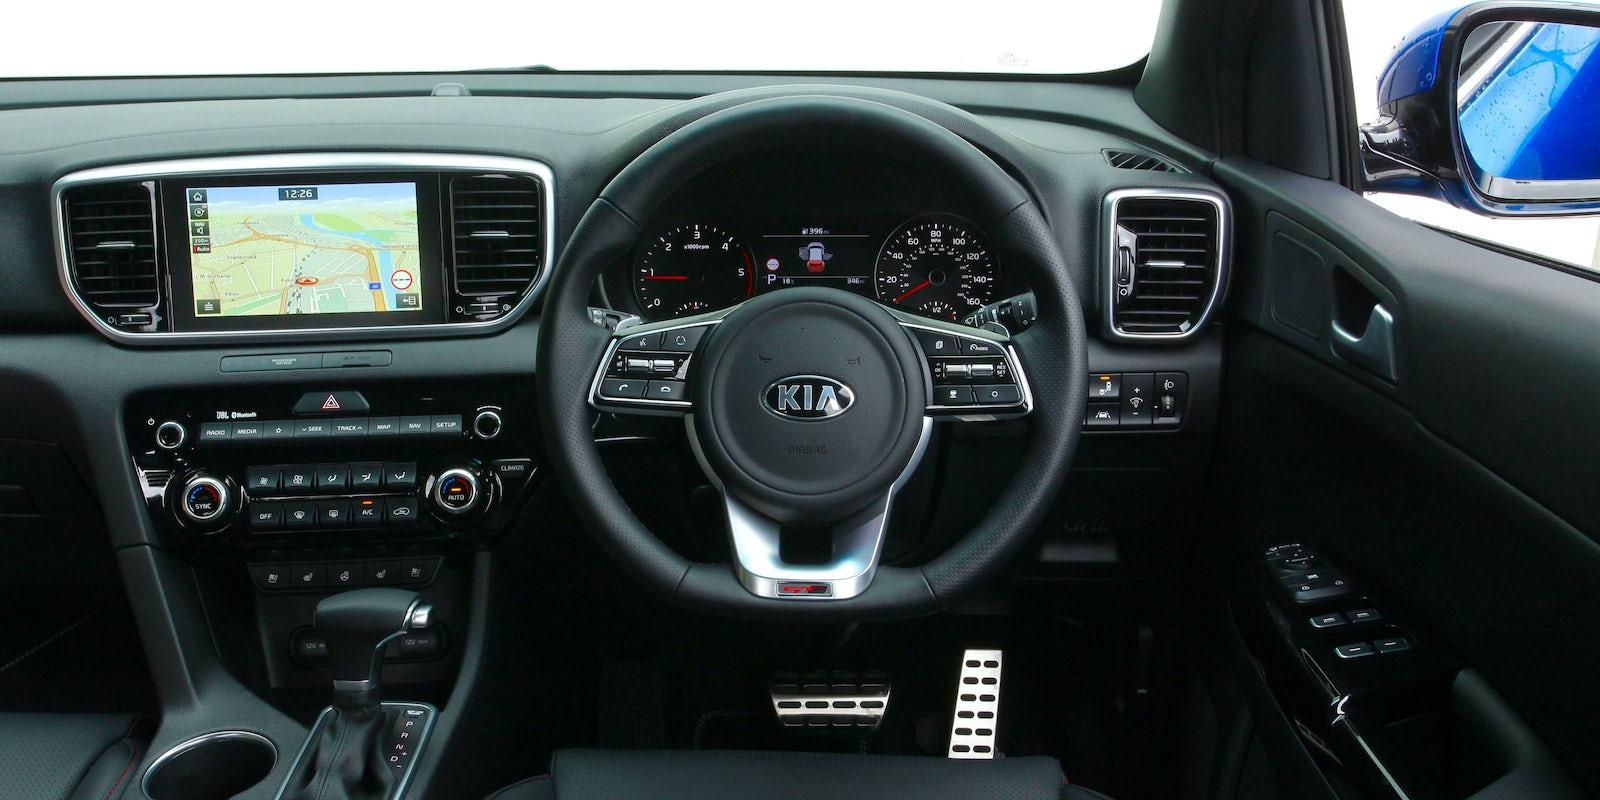 Kia Sportage Interior & Infotainment | carwow